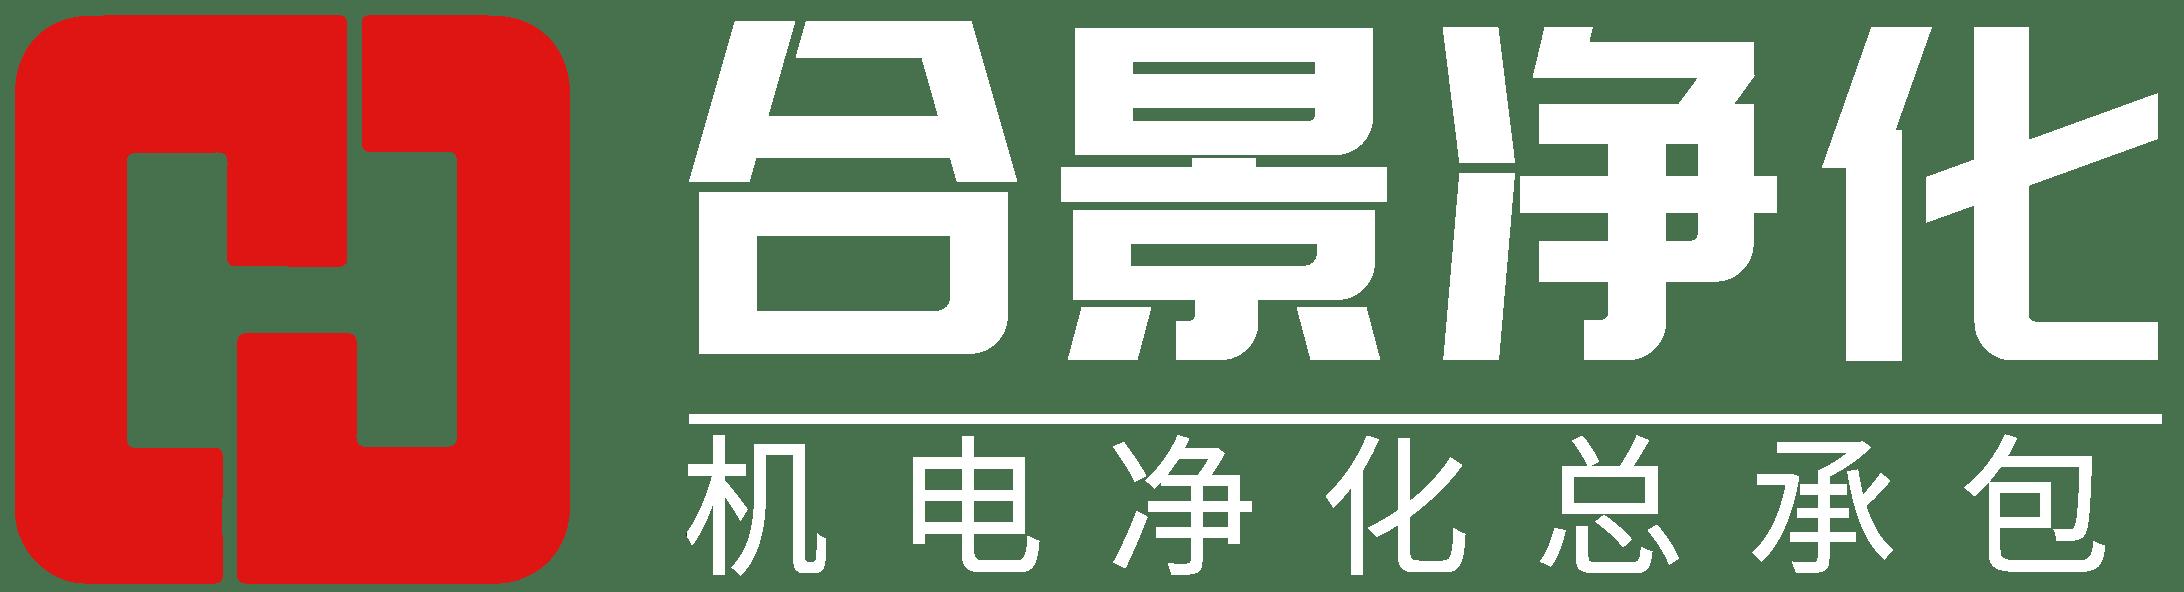 净化工程公司